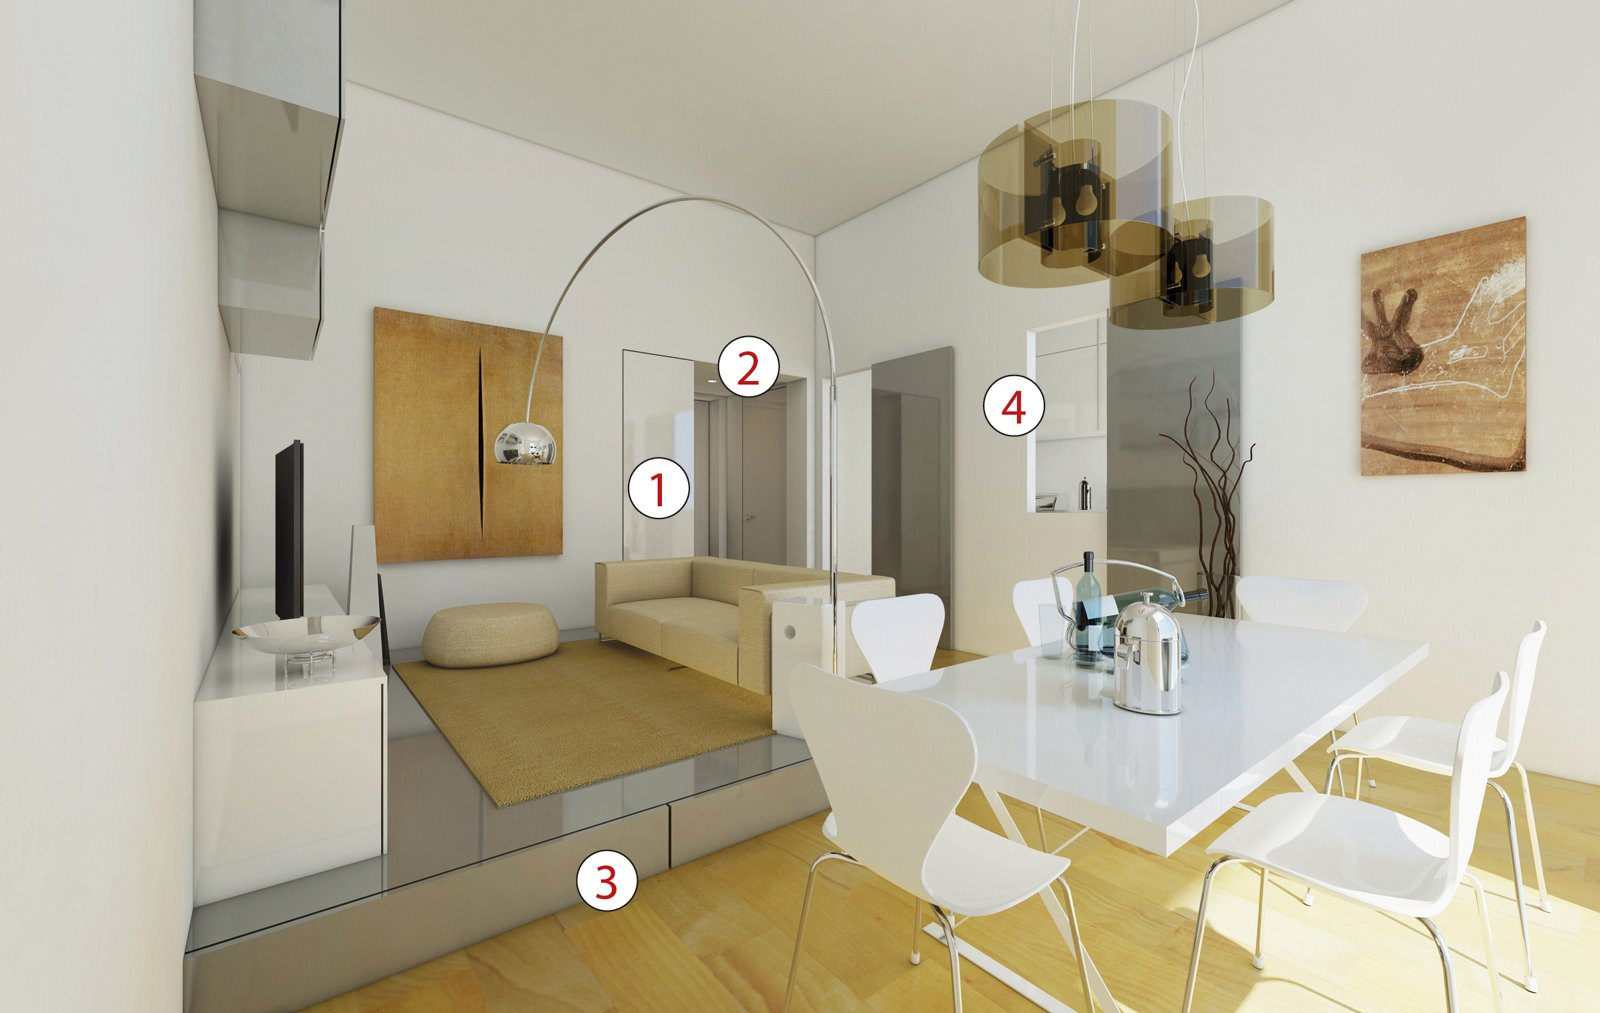 Tante idee per migliorare casa focus sulla zona giorno for Idee per arredare il soggiorno foto